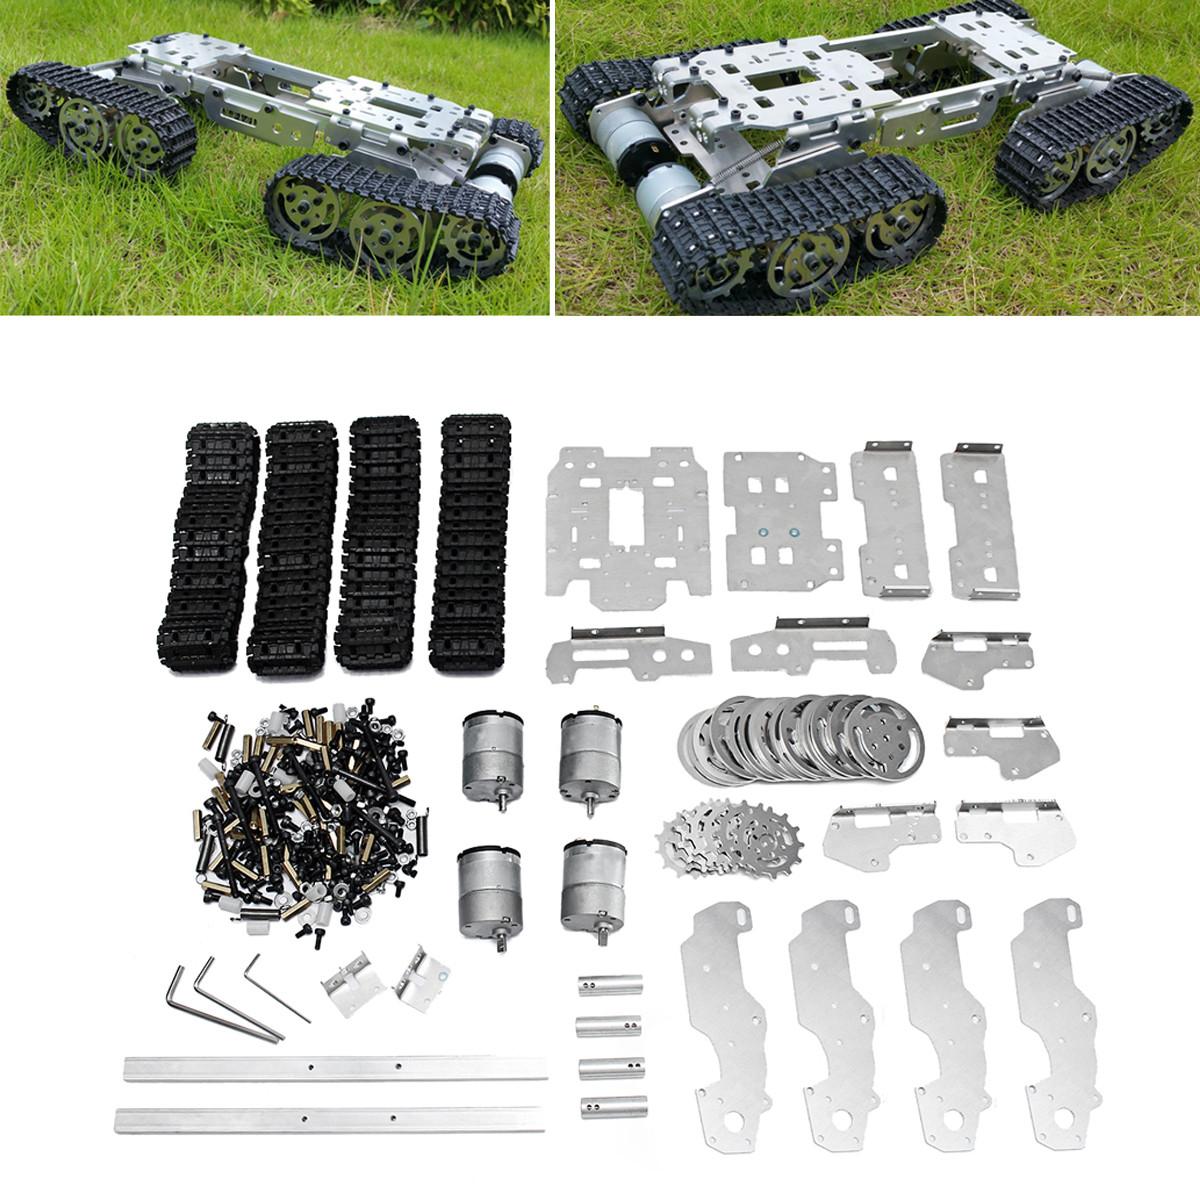 6-12V CNC Металлический робот RC Танк Гусеничный шасси Подвеска Препятствие Пересекая гусеничный ход с 4 двигателями-1TopShop